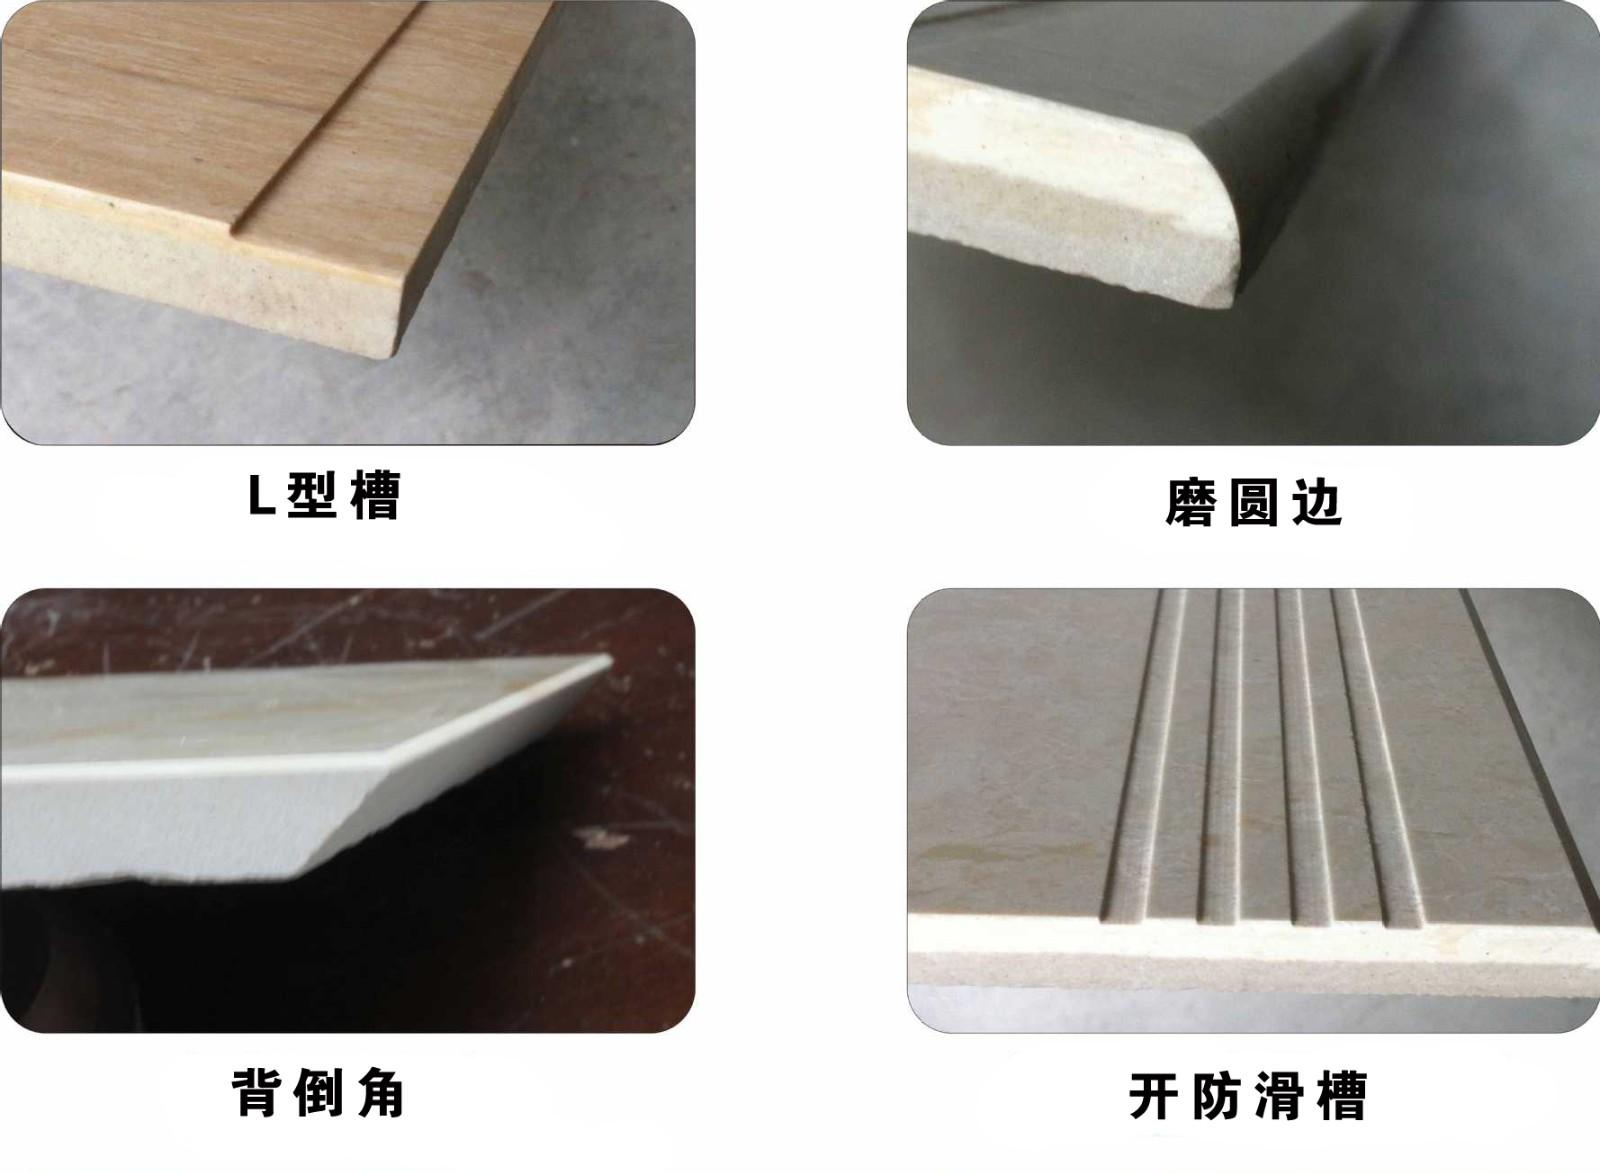 L-shaped grooves,round edge grinding,back beveling,antislip grooves